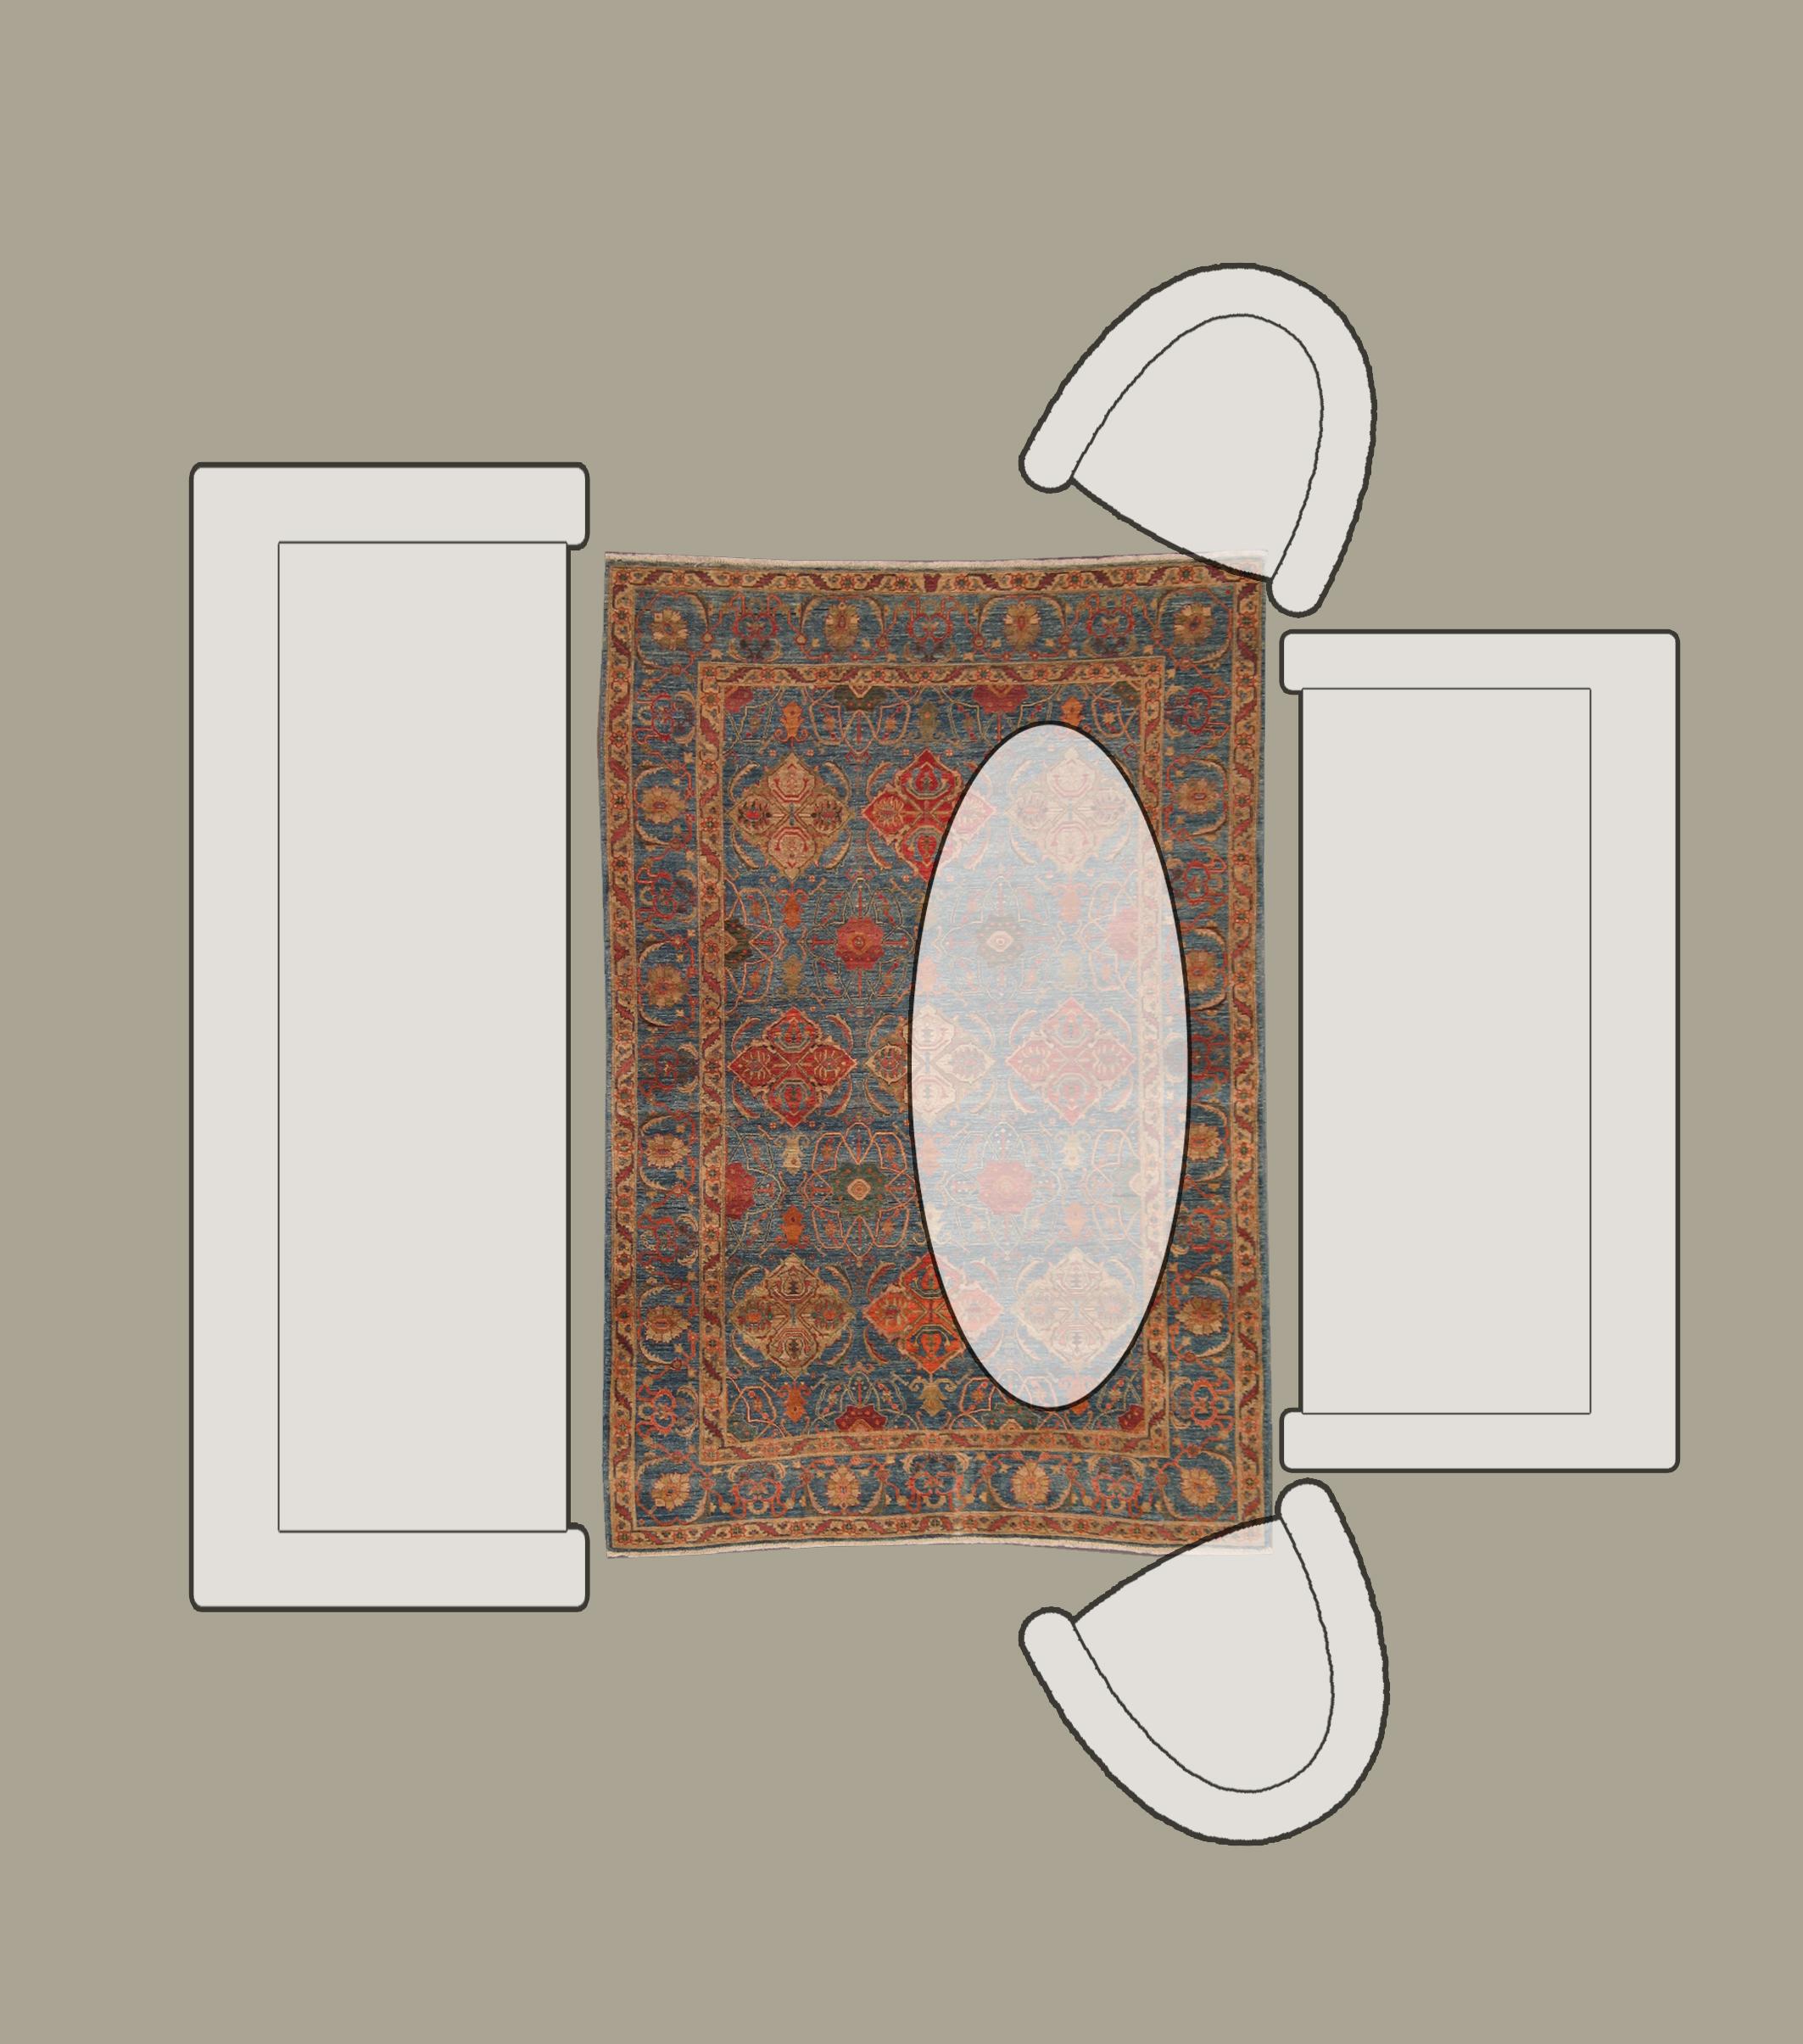 5-x-7-furniture-design-for-bigcommerce.jpg